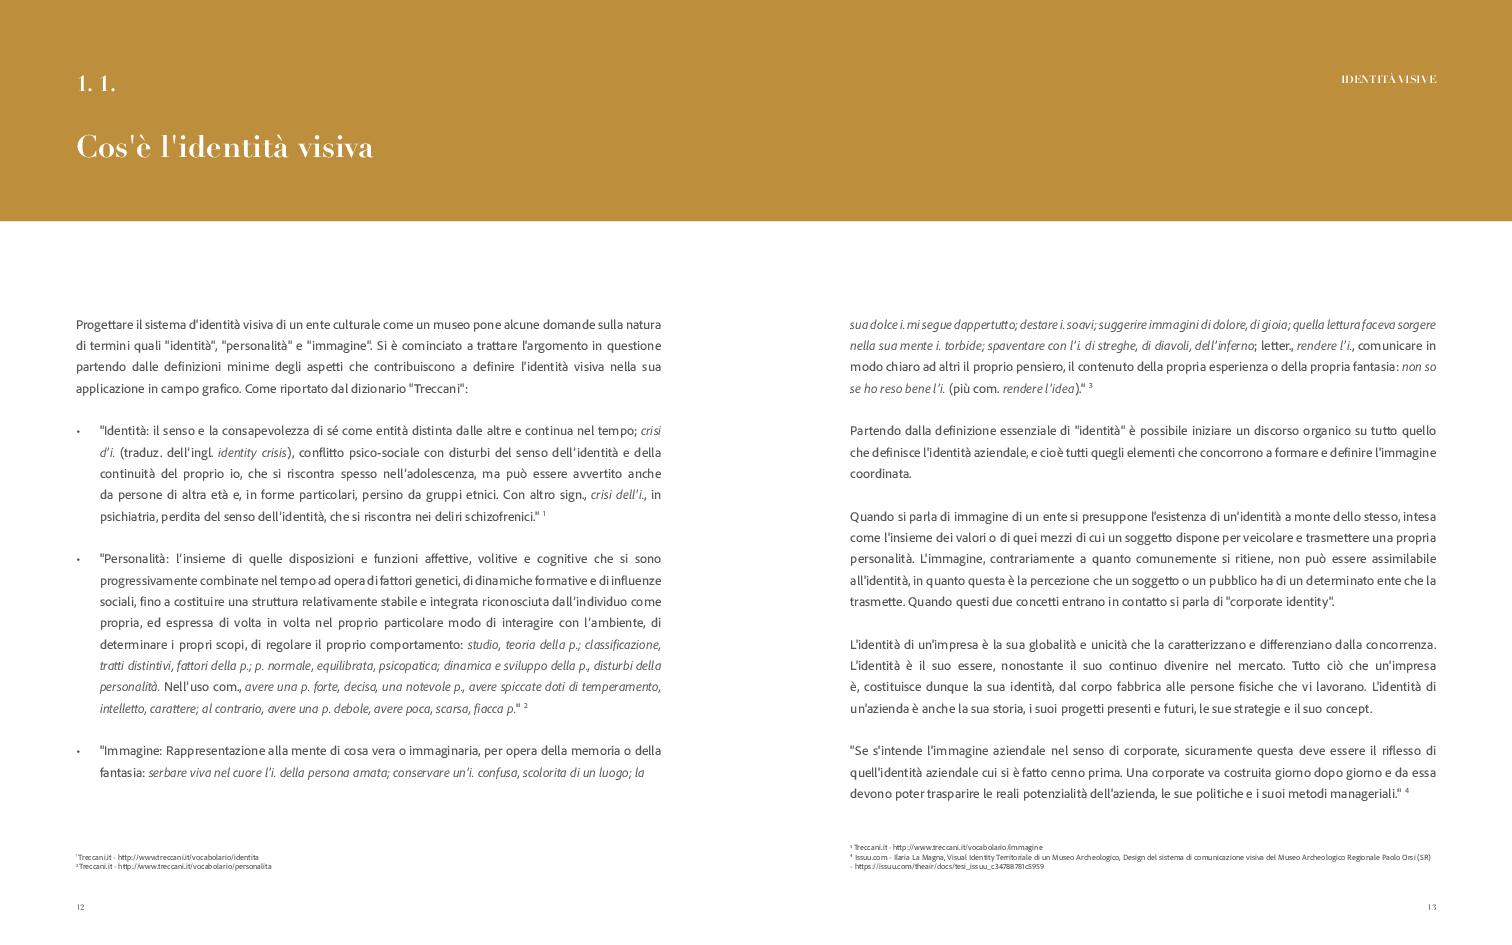 Anteprima della tesi: La Mole Antonelliana e il Museo Nazionale del Cinema di Torino. Dalla storia ad un nuovo progetto di identità visiva, Pagina 2